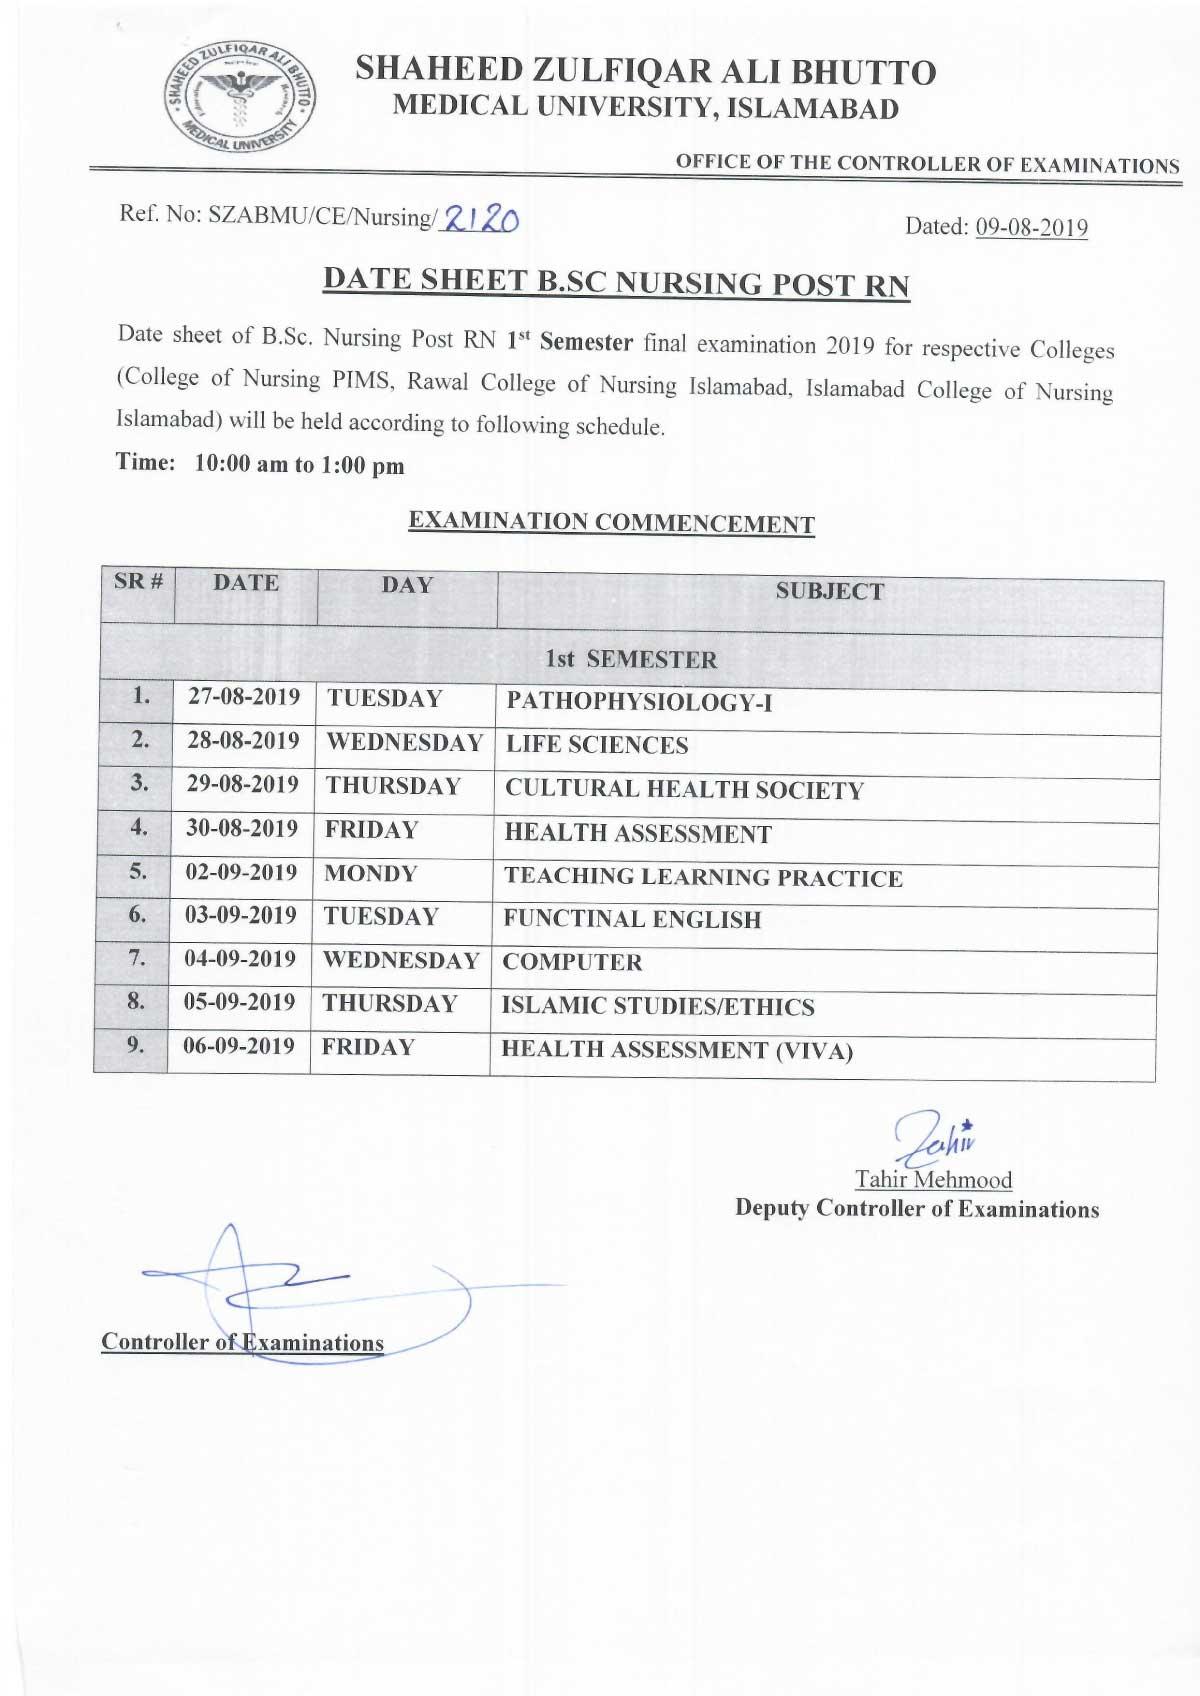 Date sheet of B.Sc Nursing 1st year Examination 2019